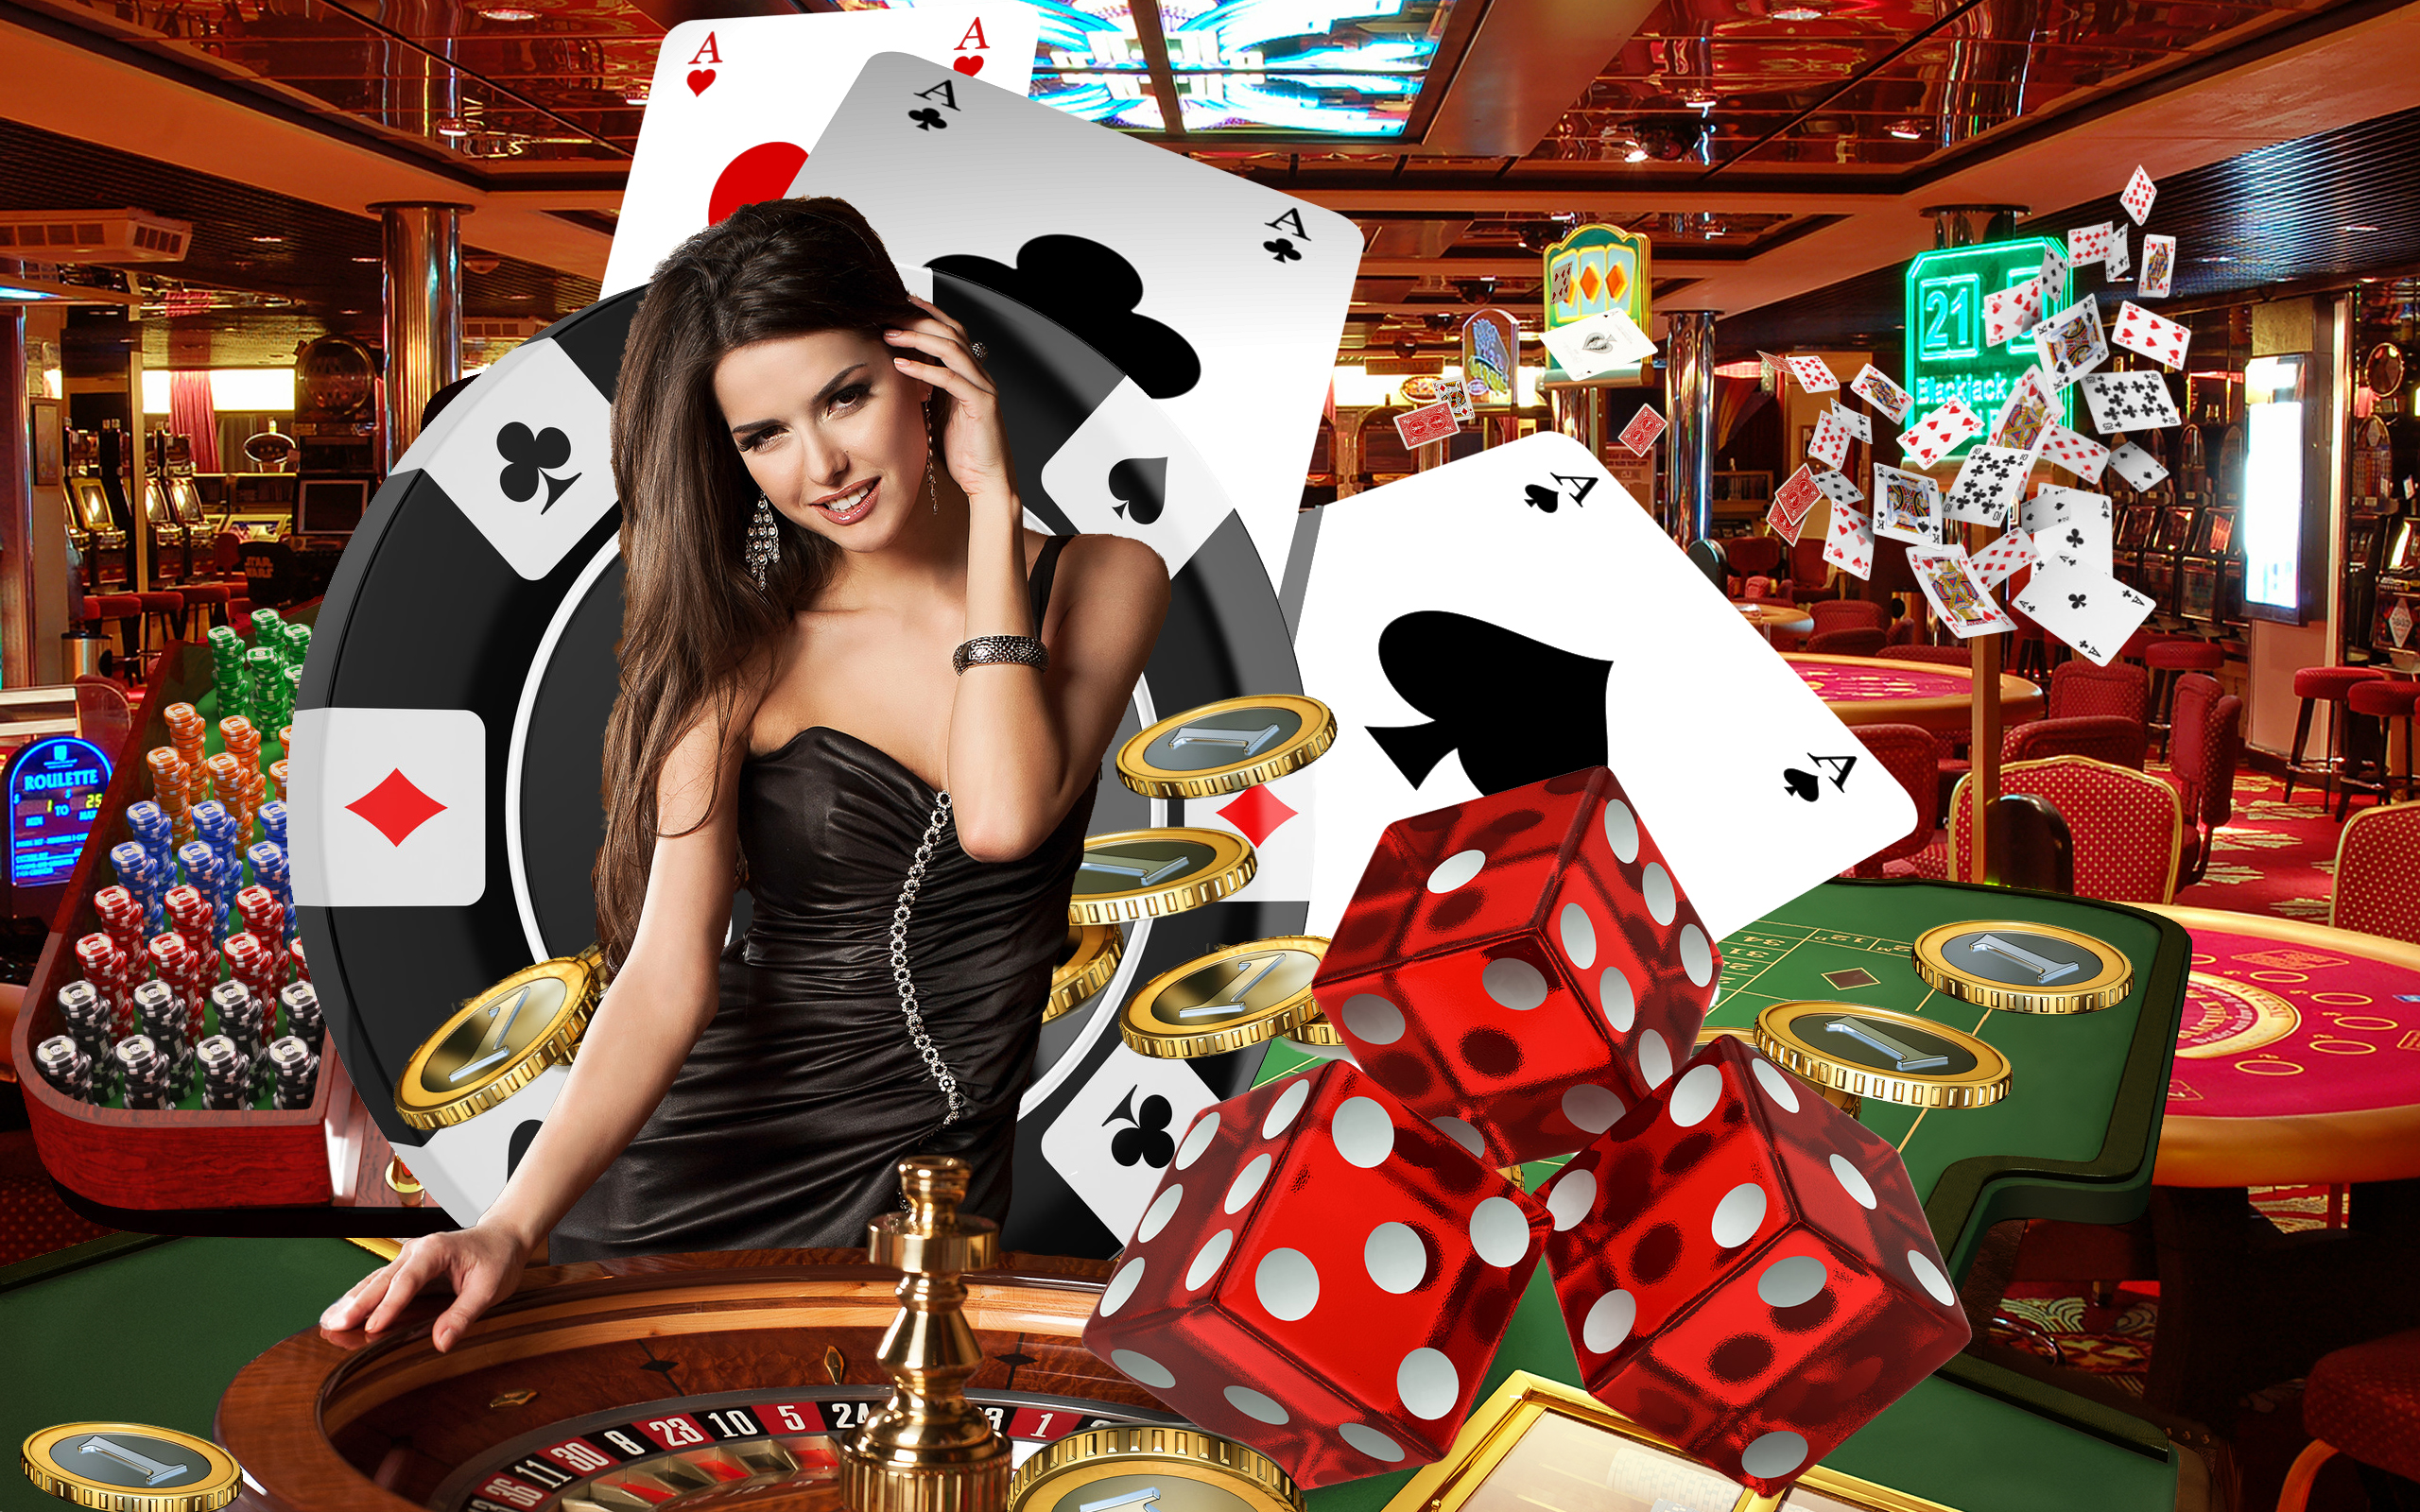 казино азарт плей играть без депозита